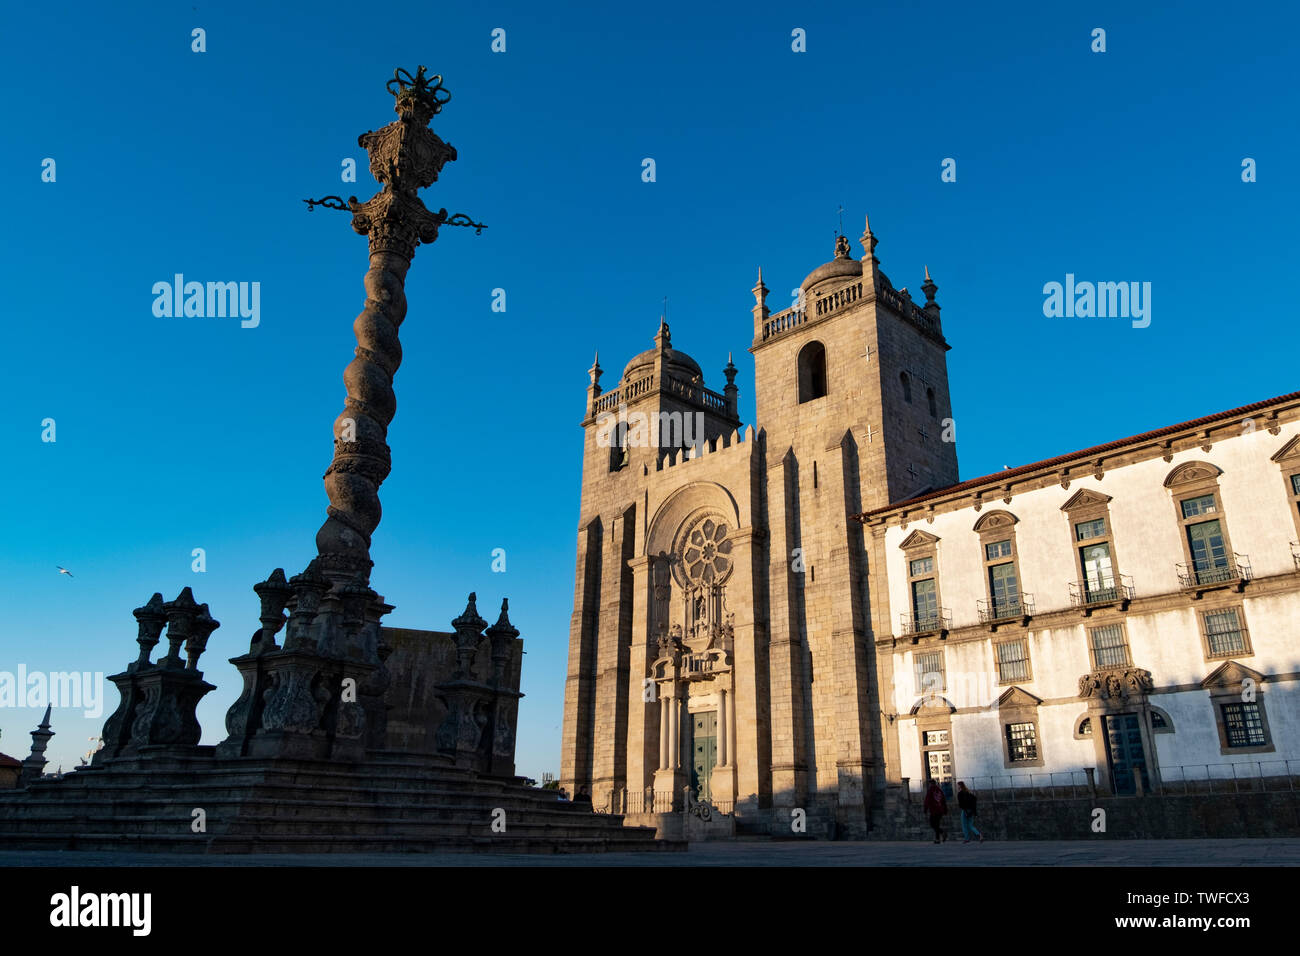 Porto Cathedral (Se do Porto) and part of the facade of Museu do Tesouro da Se do Porto on the right. Porto, Portugal - Stock Image